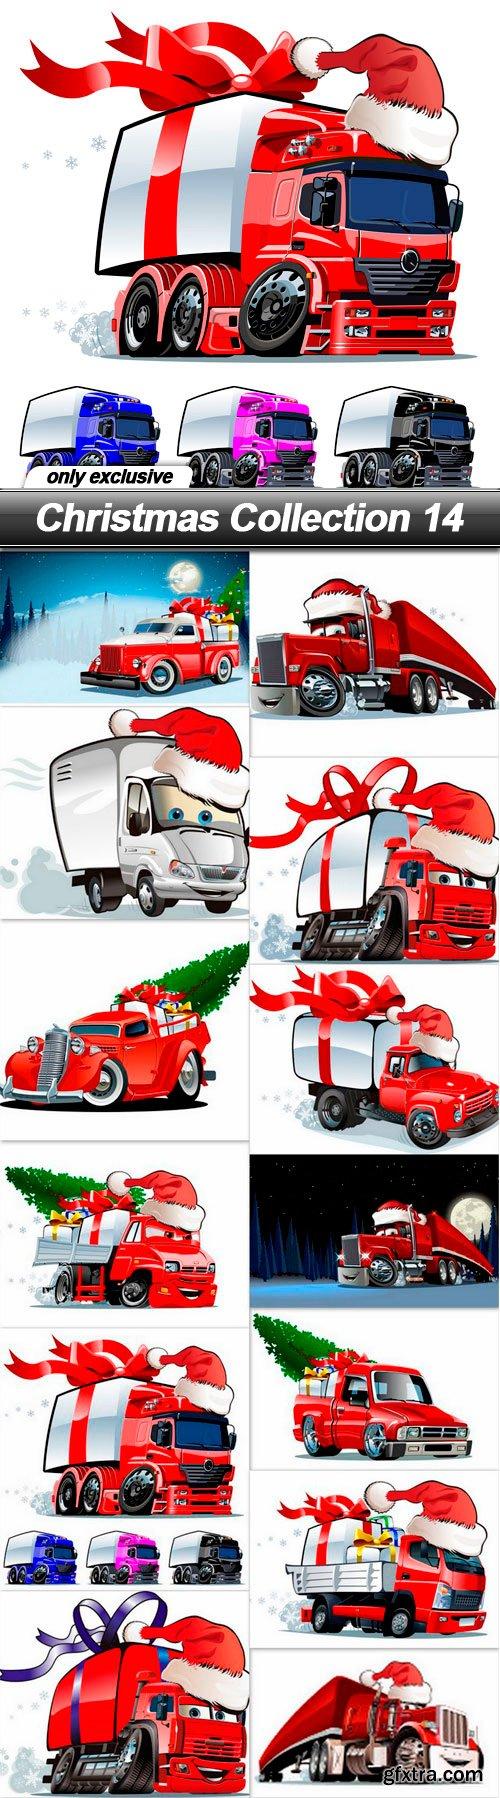 Christmas Collection 14 - 13 EPS